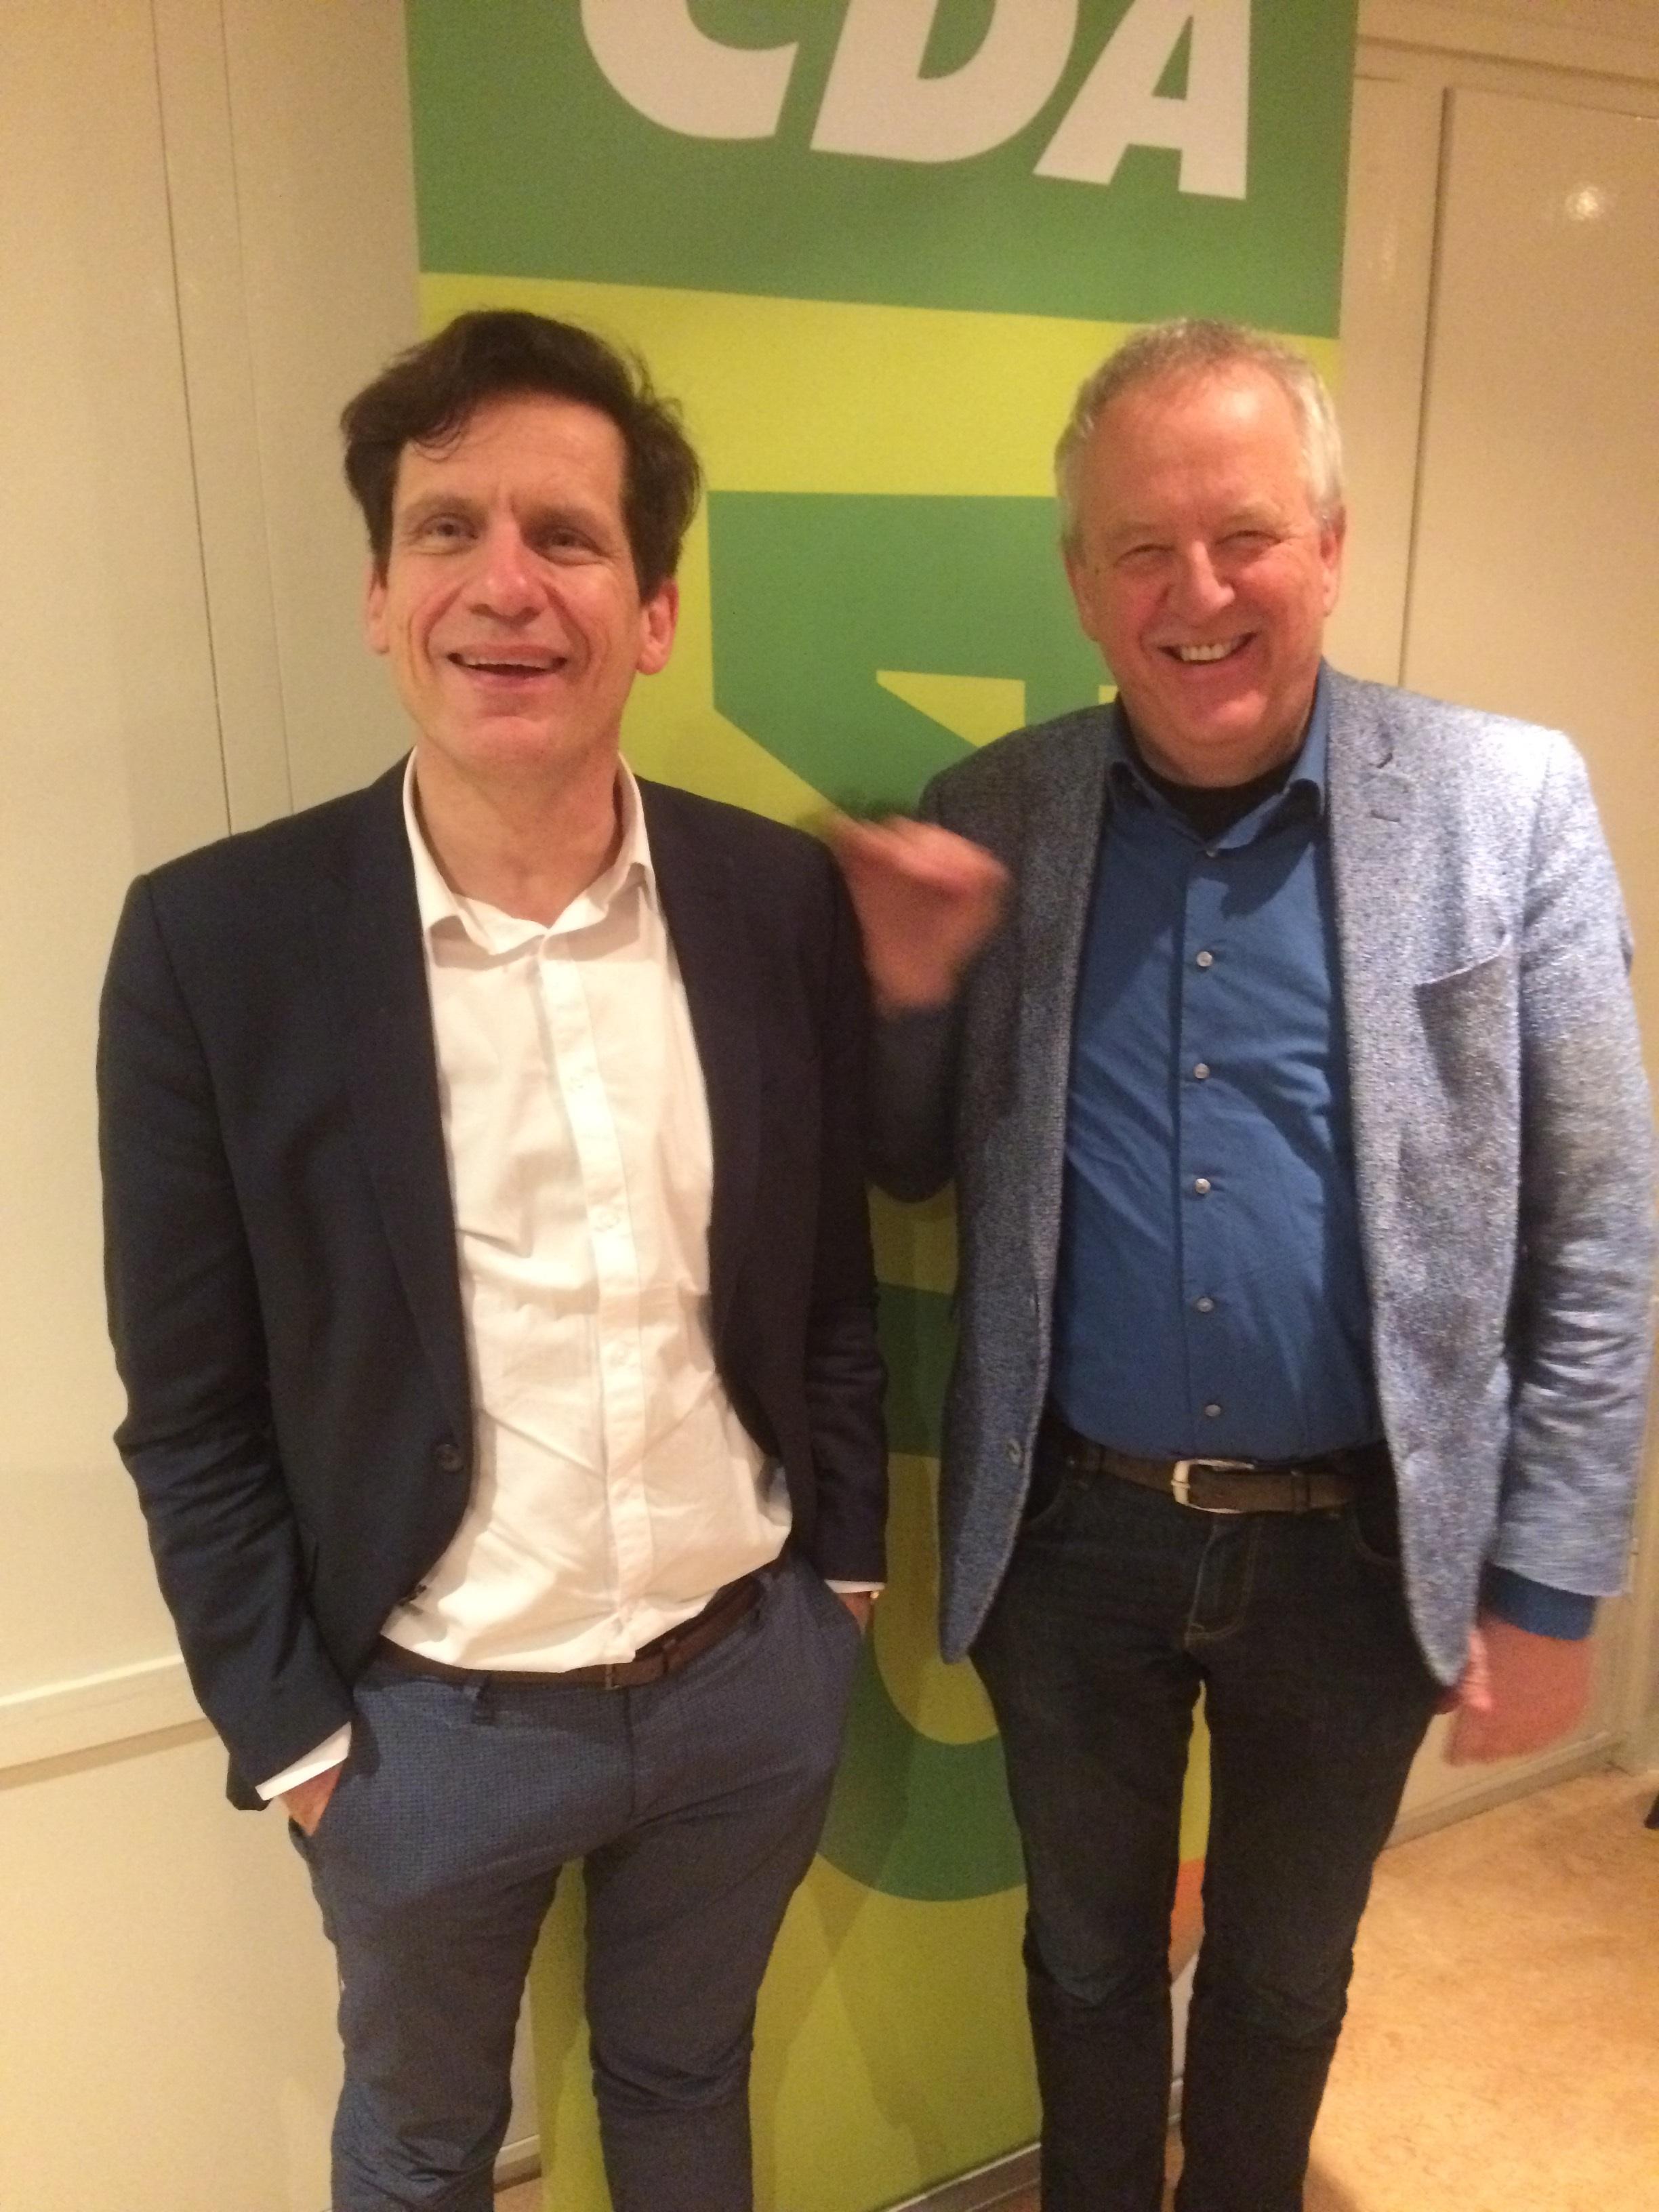 De nieuwe CDA-voorzitter Aalt Bruinekool (rechts) met zijn voorganger Kees van Montfort. (FOTO: AANGELEVERD)